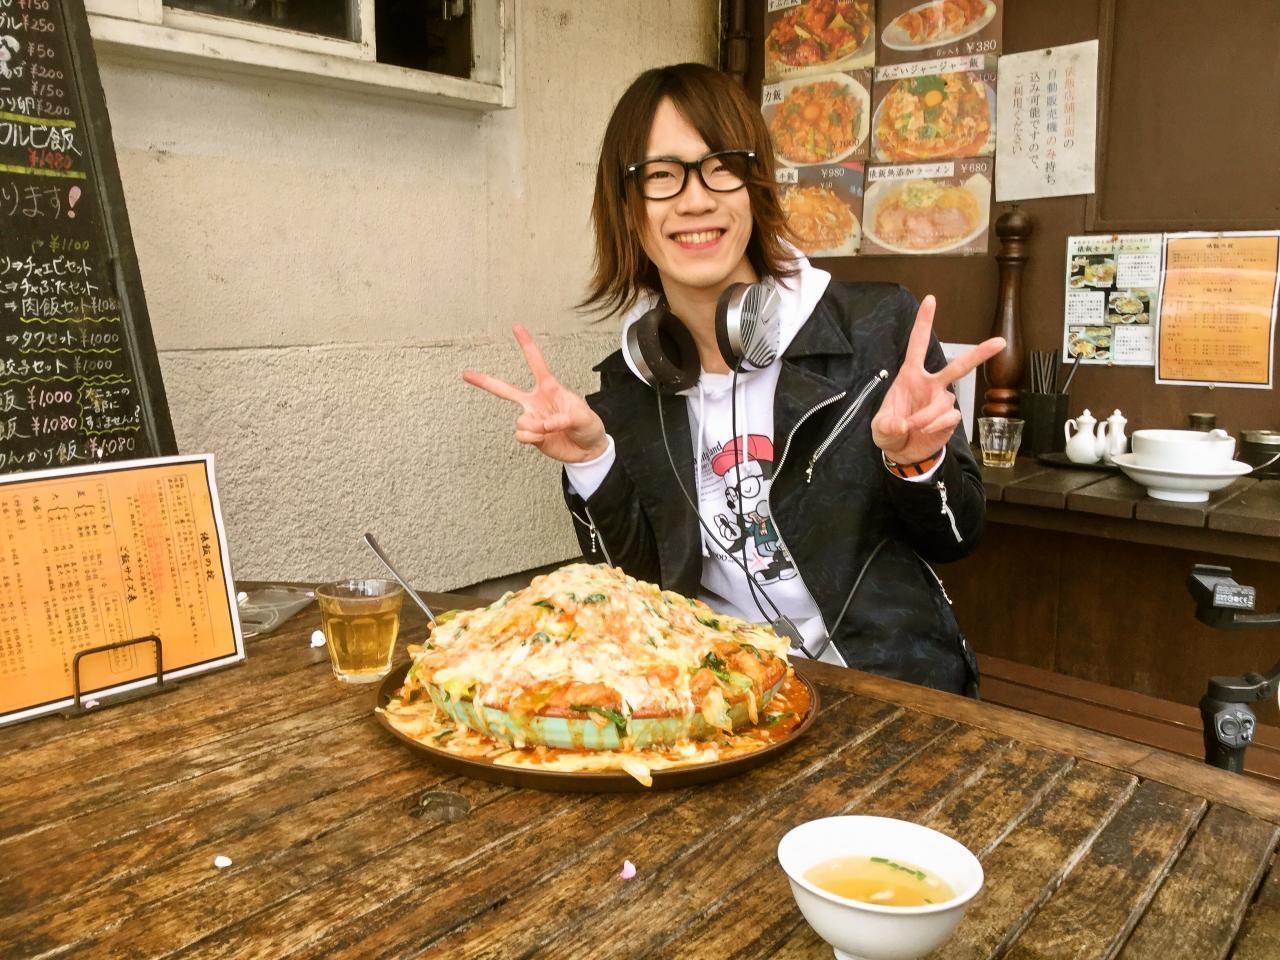 俵飯(チーズダッカルビとドラコ)